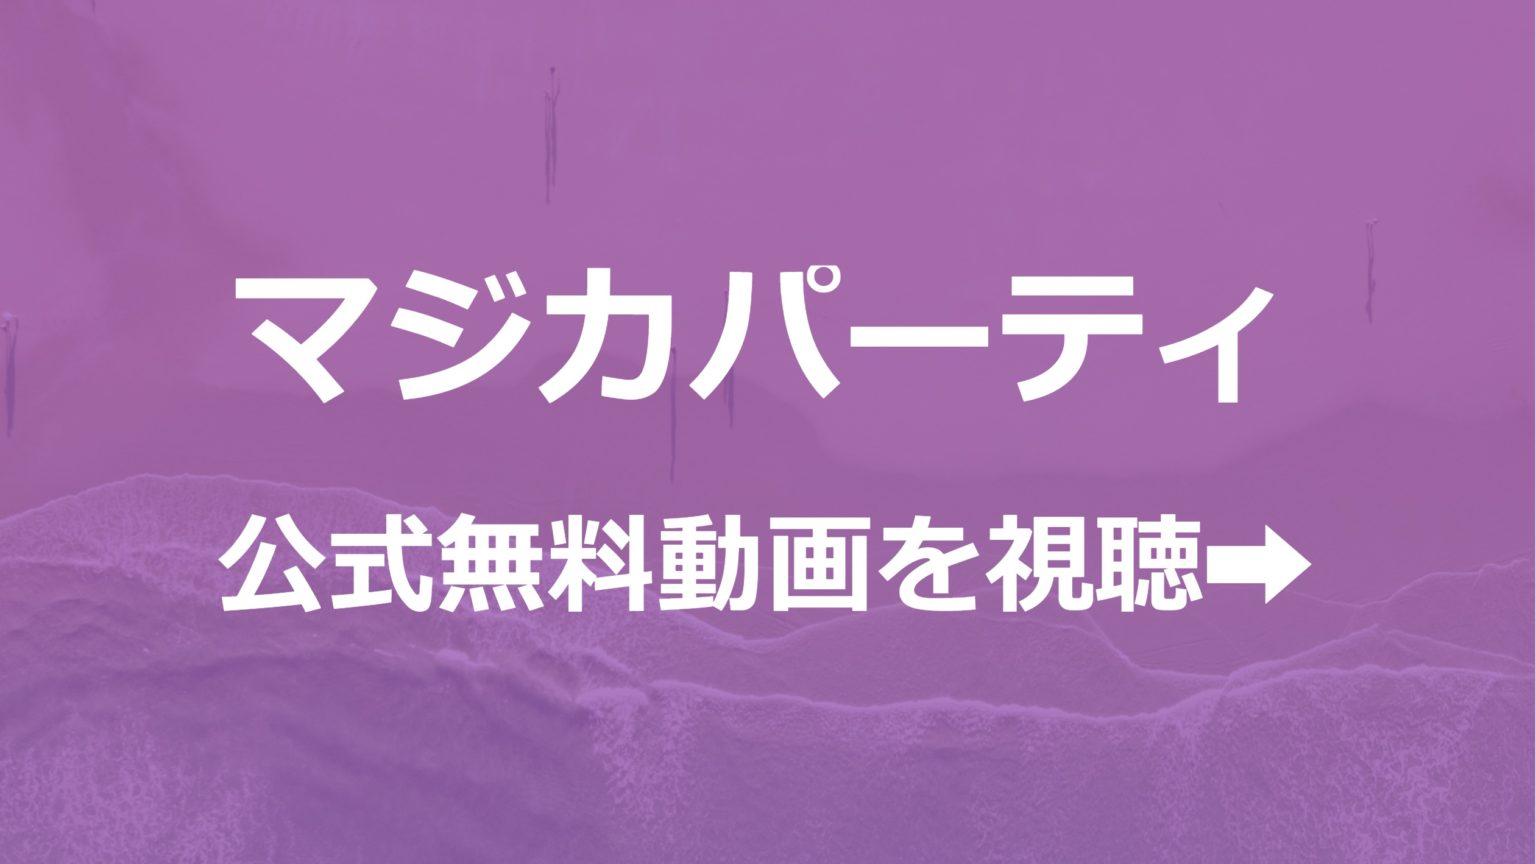 アニメ「マジカパーティ」無料フル動画を1話~全話視聴できる公式配信サービスまとめ!